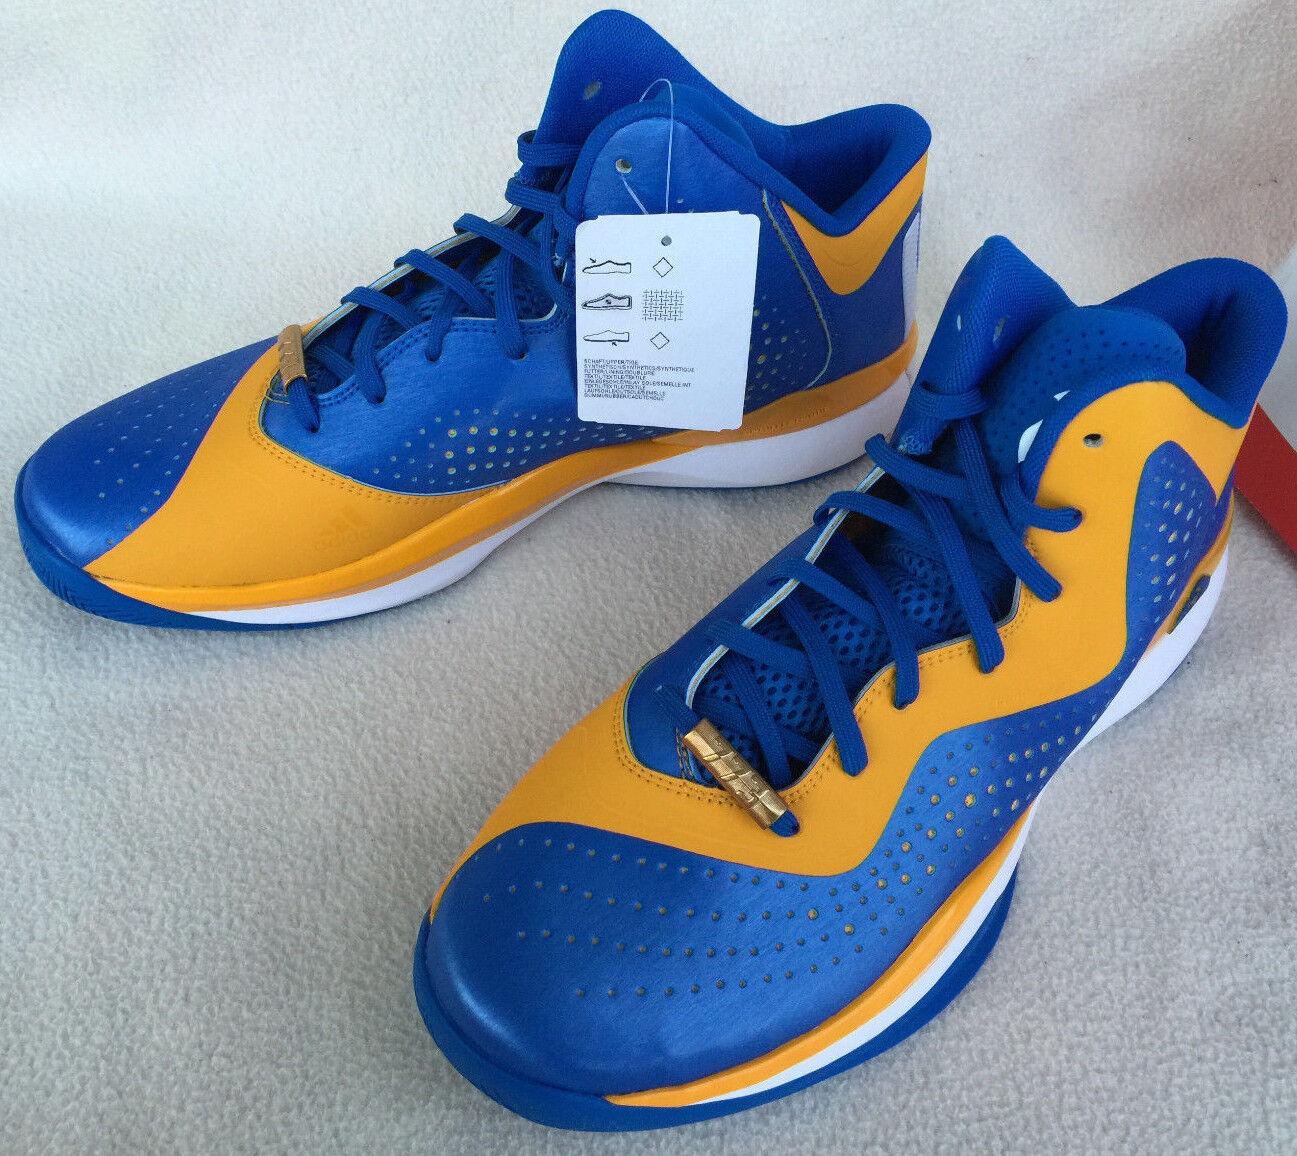 Adidas s rose 773 iii c76578 c76578 iii derrick rose blu, scarpe da basket maschile di 9,5 nba f7f2b5